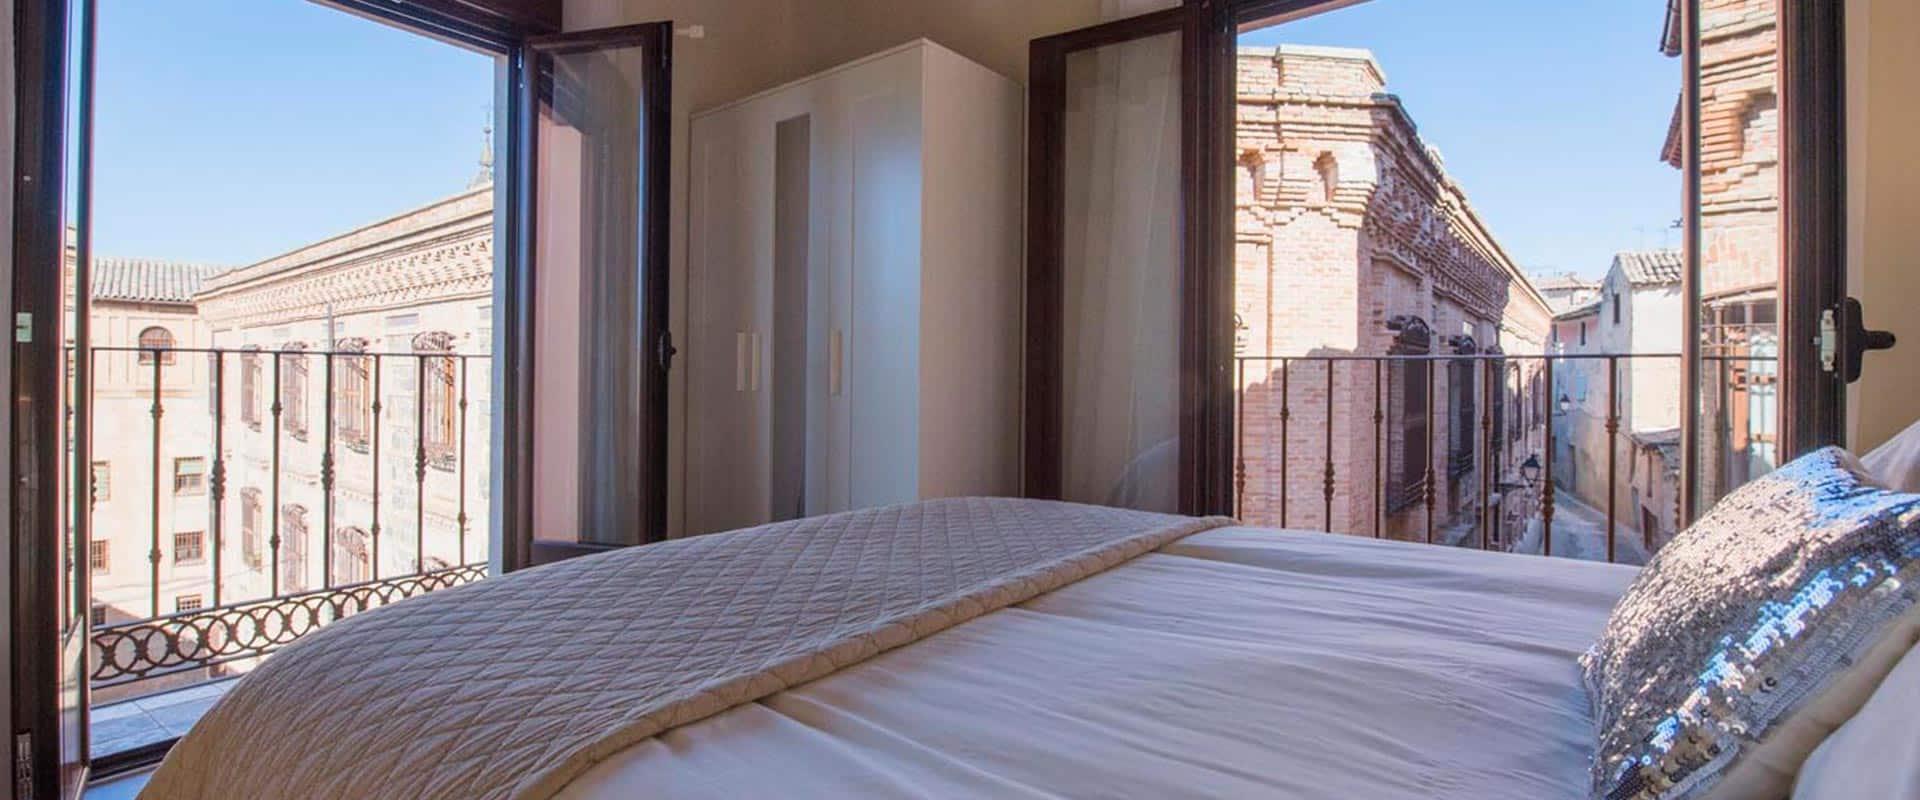 virgen de gracia sl 5 - Alojamiento para empresas en Toledo - Toledo Ap Alojamientos turísticos